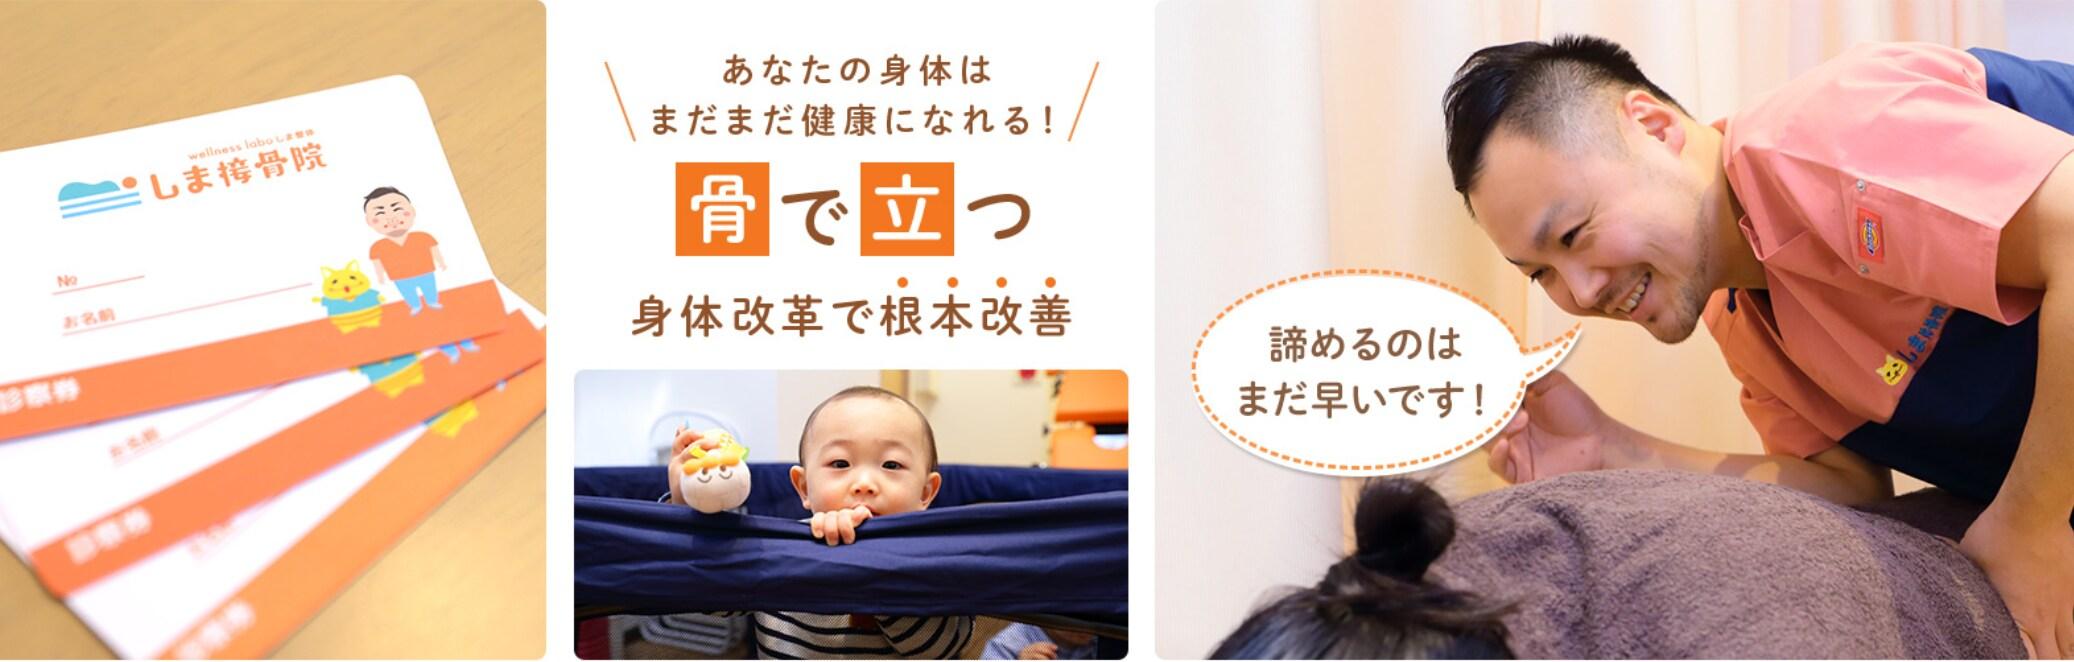 【静岡市葵区】骨で立つ!身体革命! しま接骨院・整体院